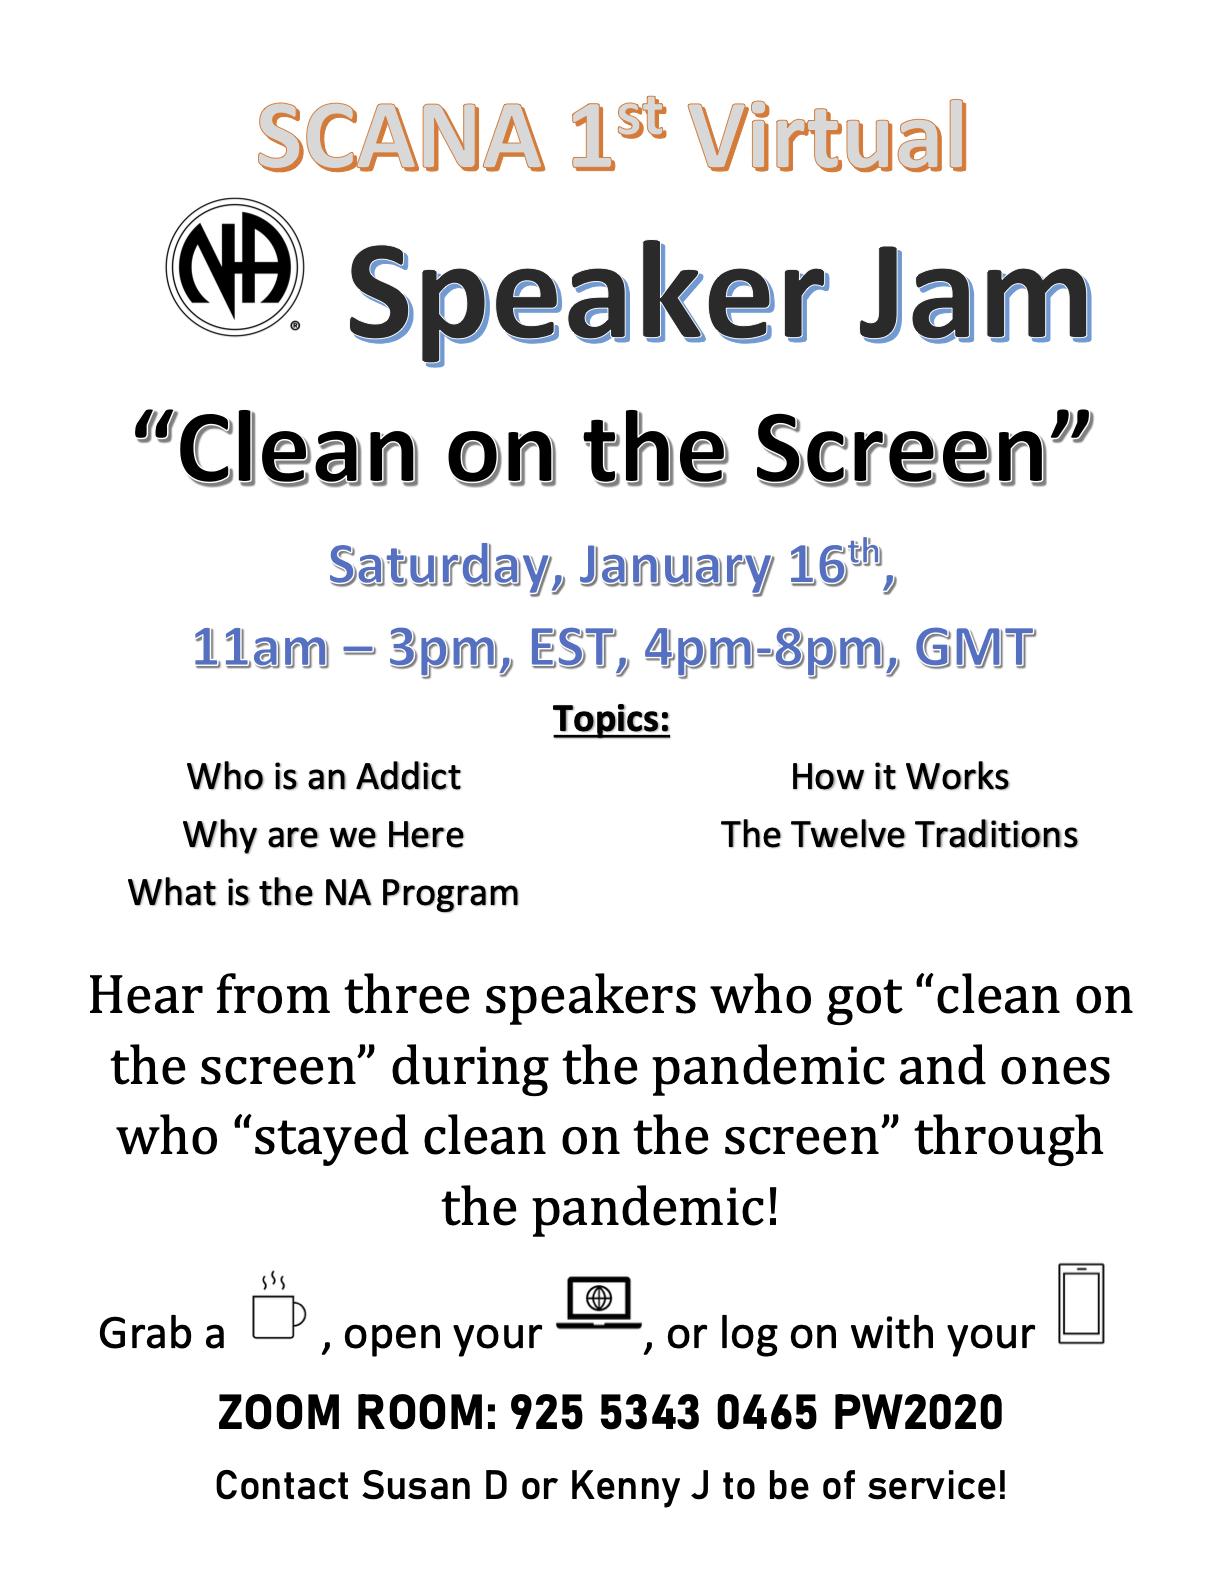 1st Virtual Speaker Jam - SCANA